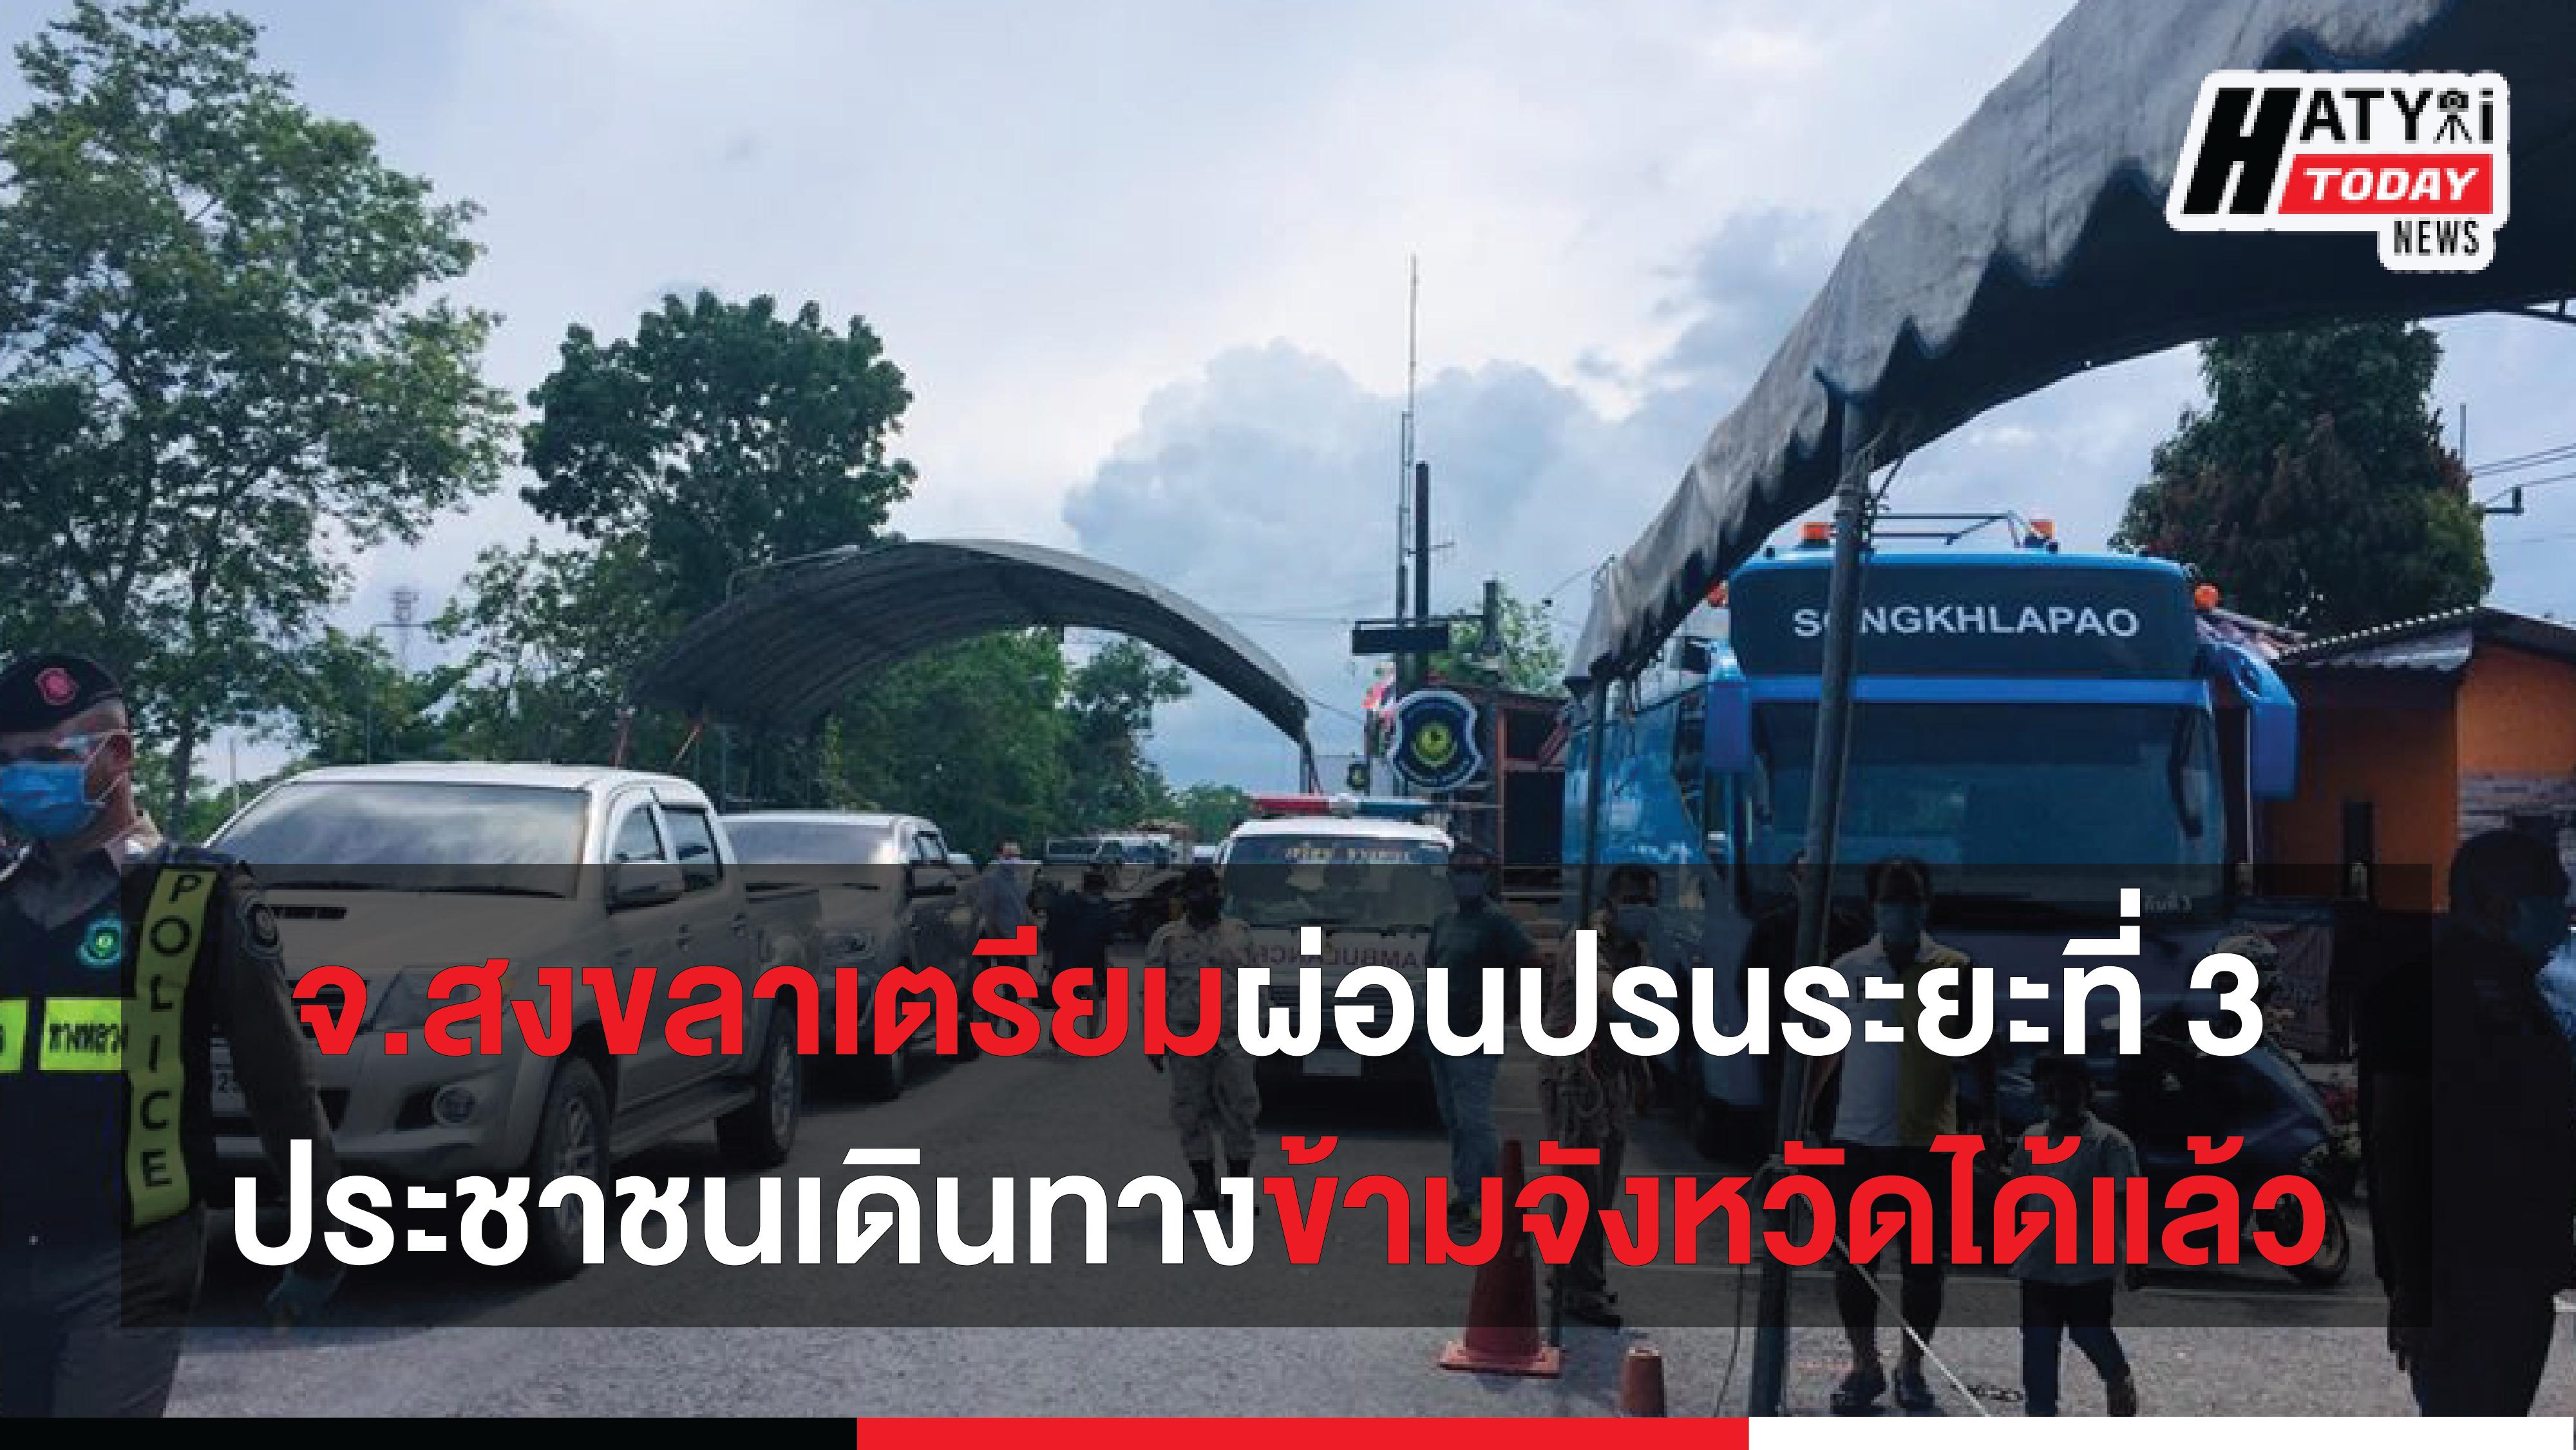 ราชกิจจานุเบกษา เผยมาตรการผ่อนปรนระยะที่ 3 อนุญาตให้ประชาชนเดินทางข้ามจังหวัดได้แล้ว